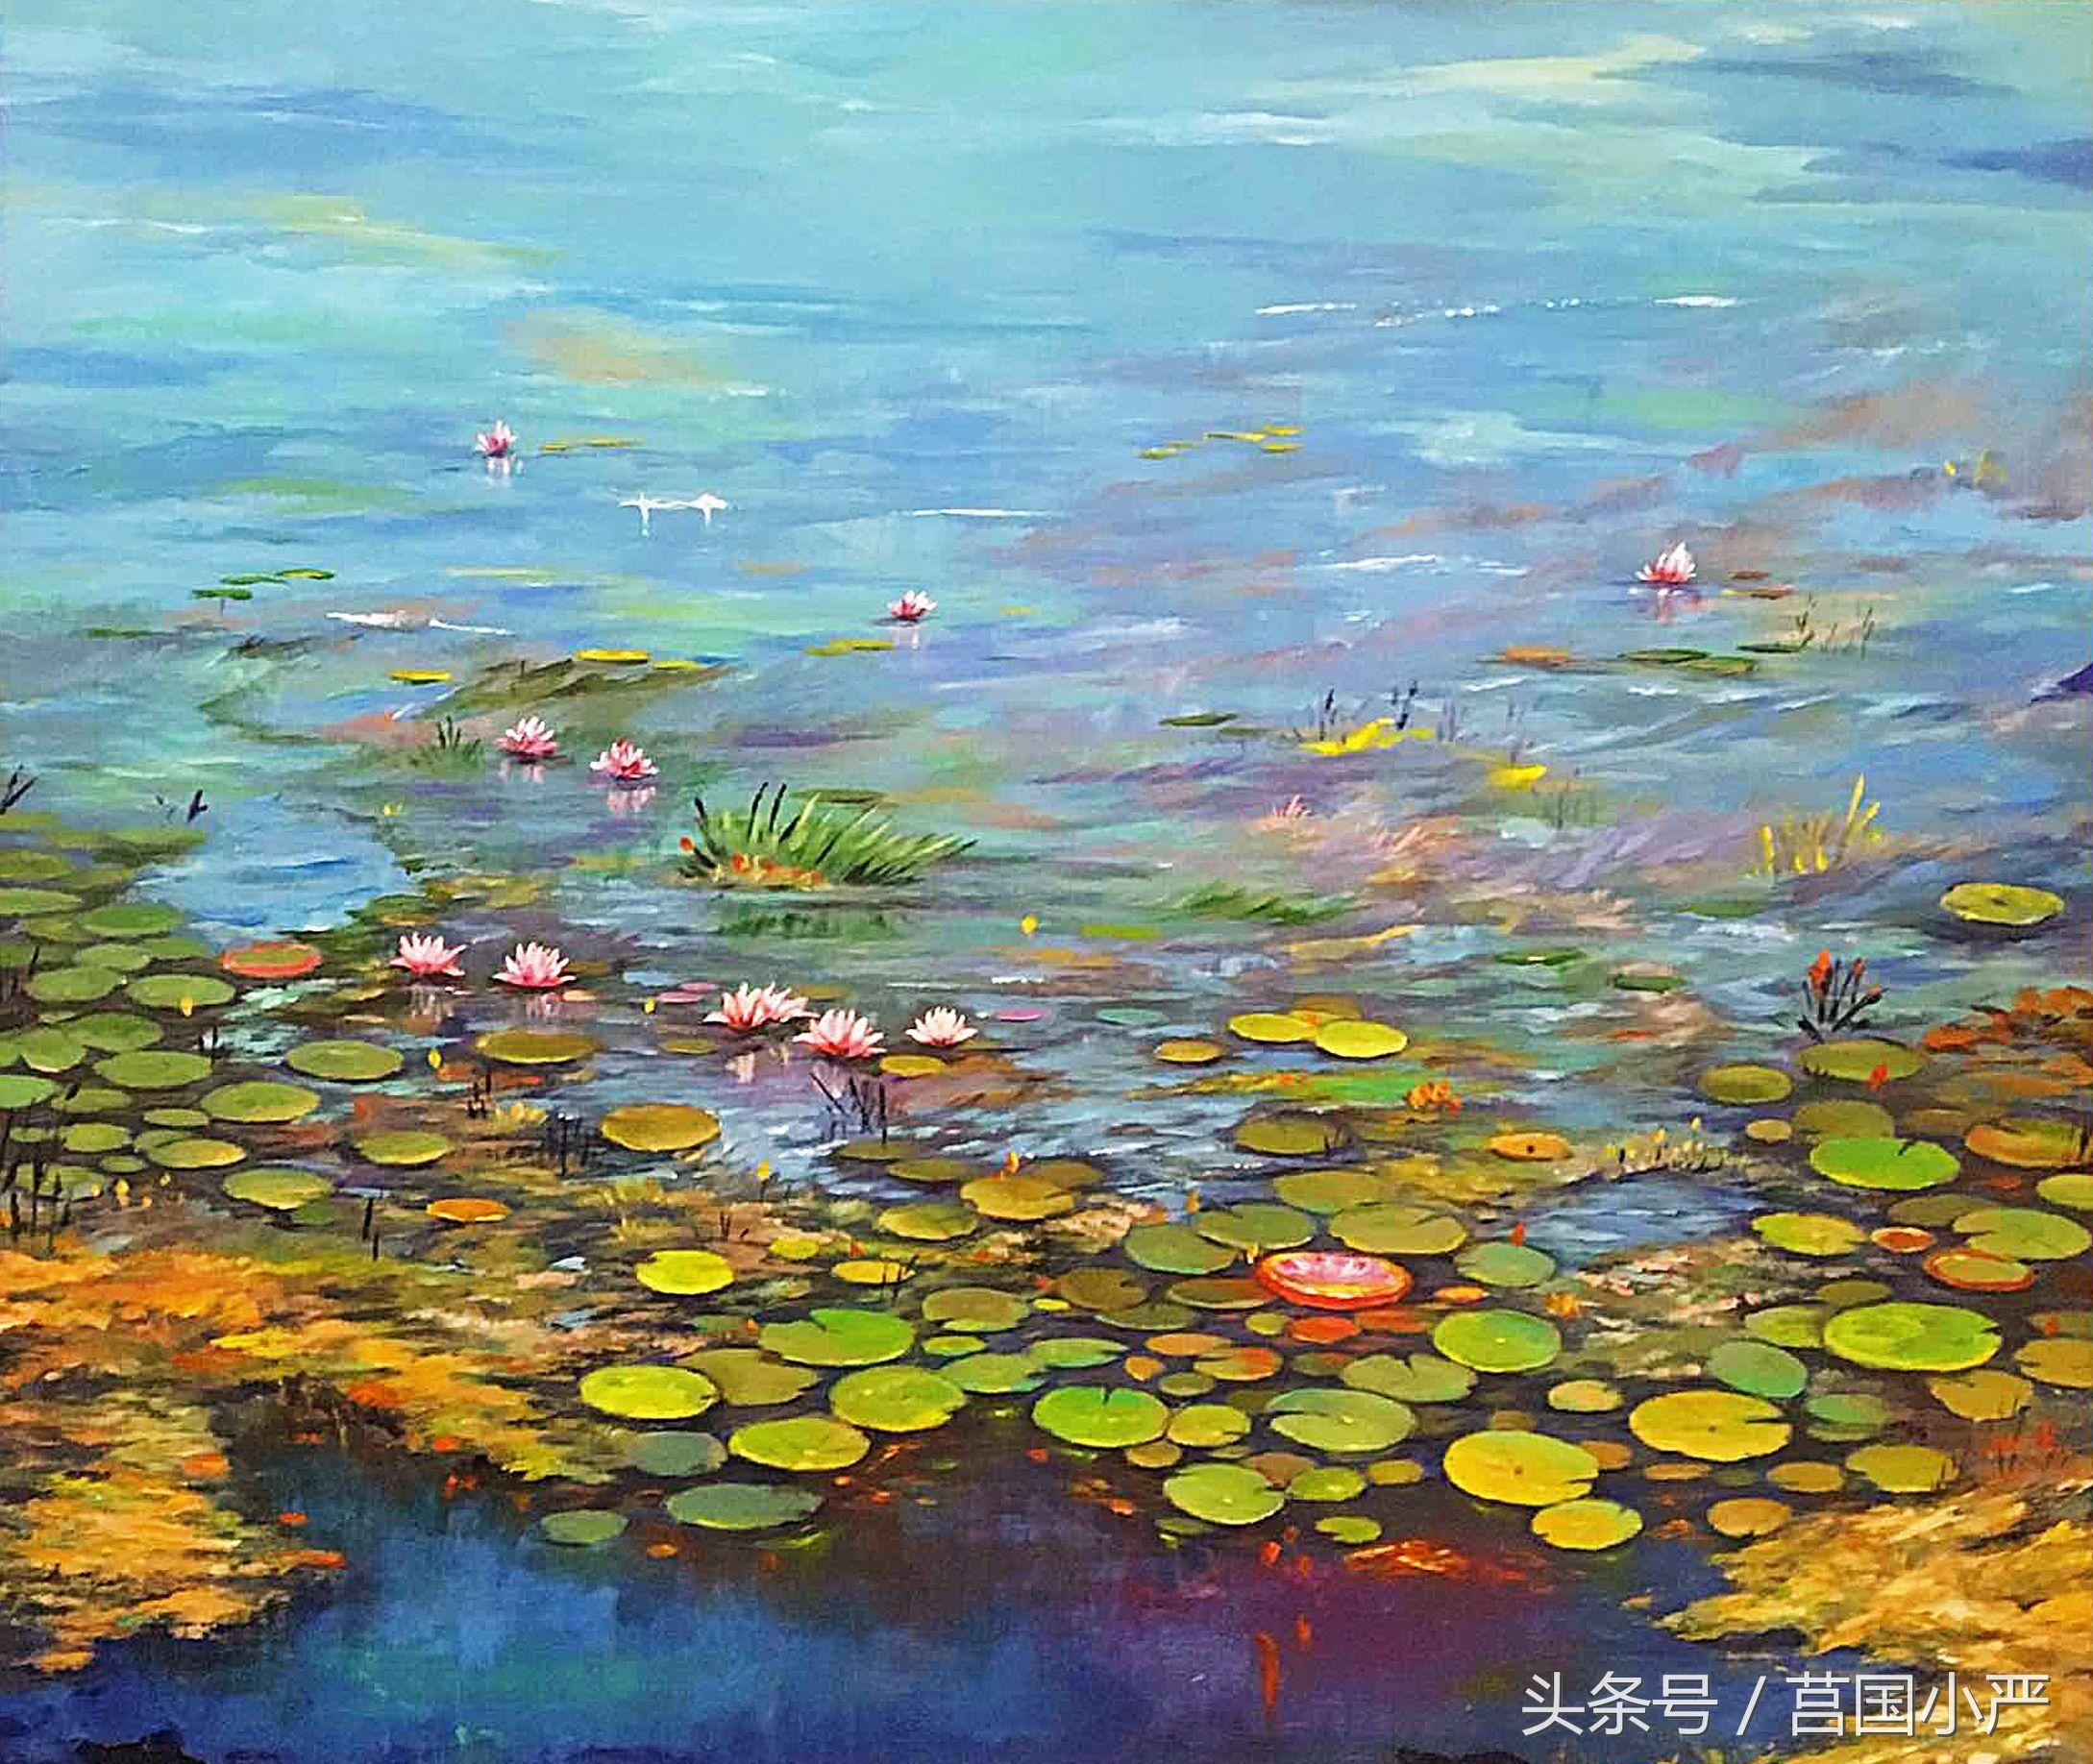 色彩鮮艷的油畫作品,帶你去看不一樣的世界,美極了!